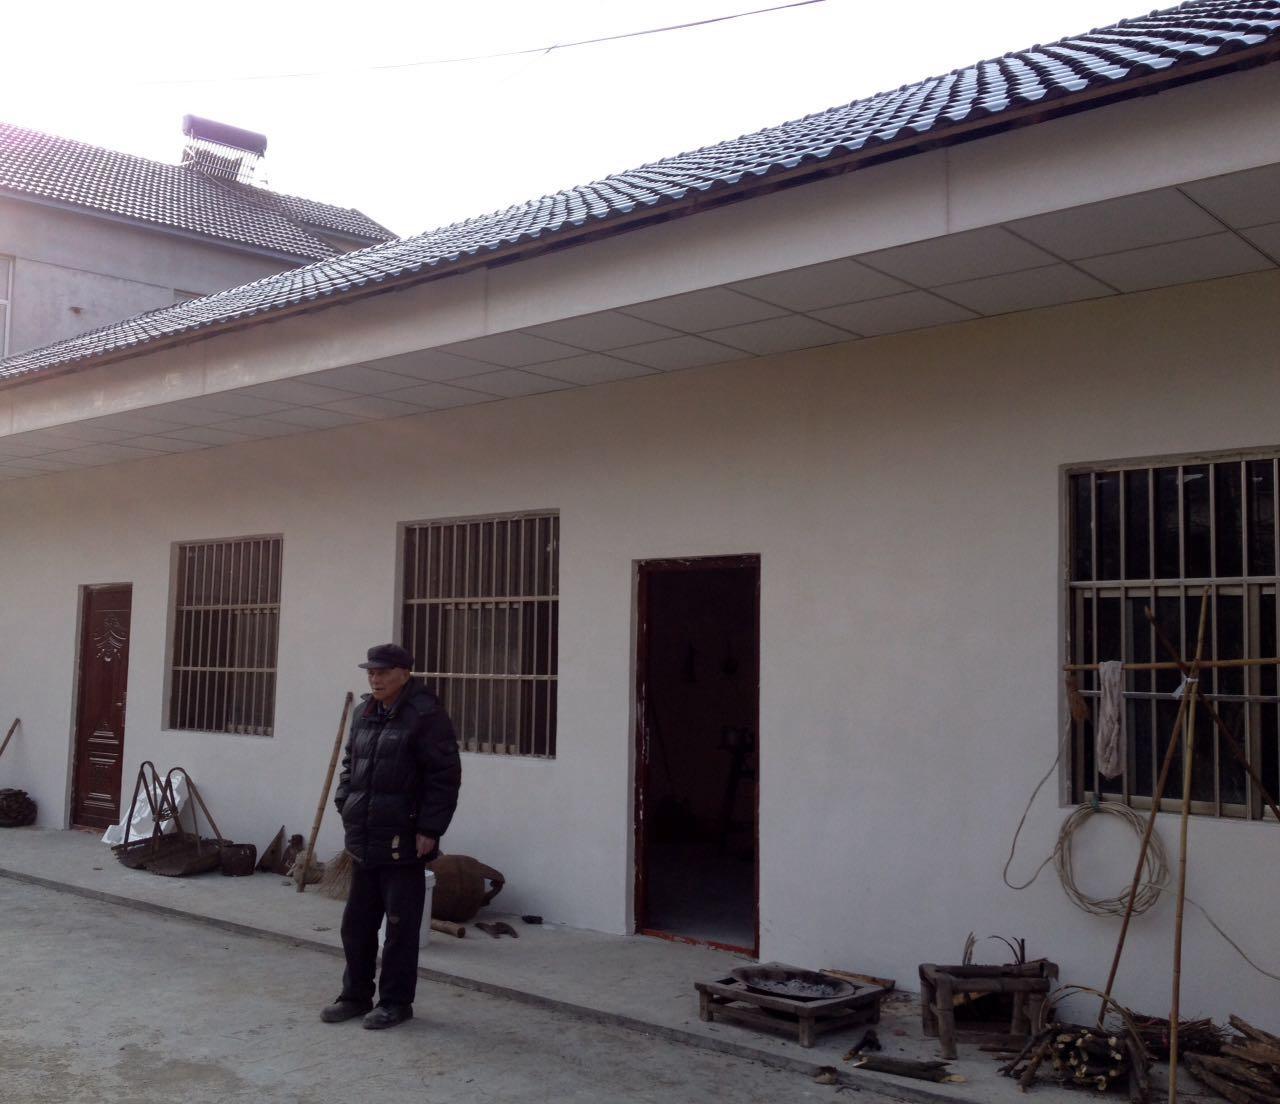 安徽广德农村危房改造:让百姓住的安心舒心